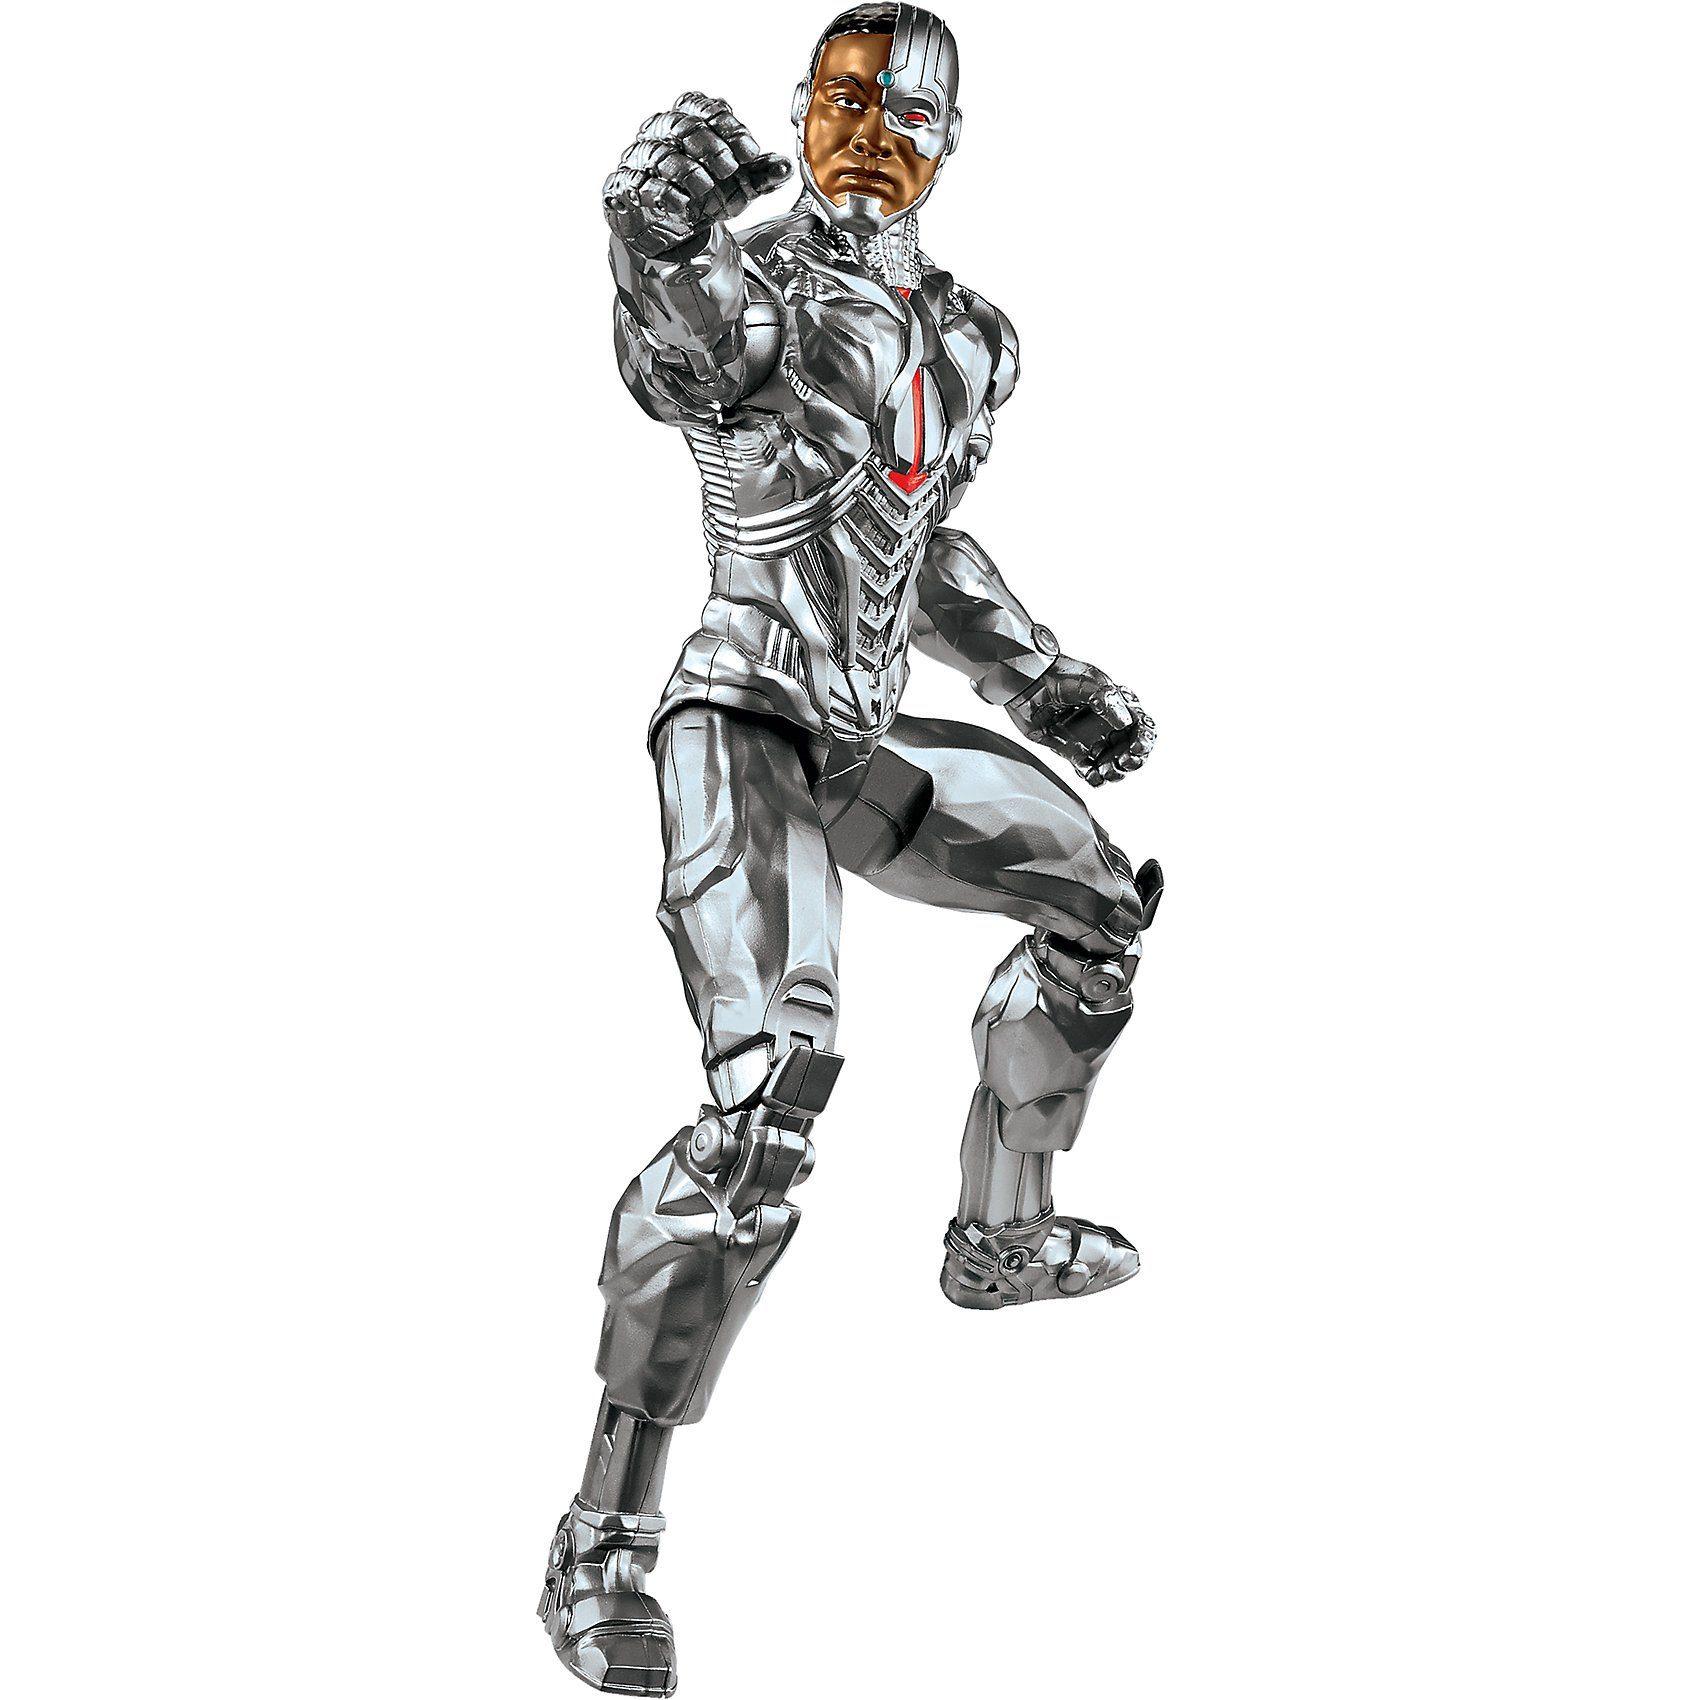 Mattel® DC Justice League Movie Basis Figur Cyborg (30 cm)